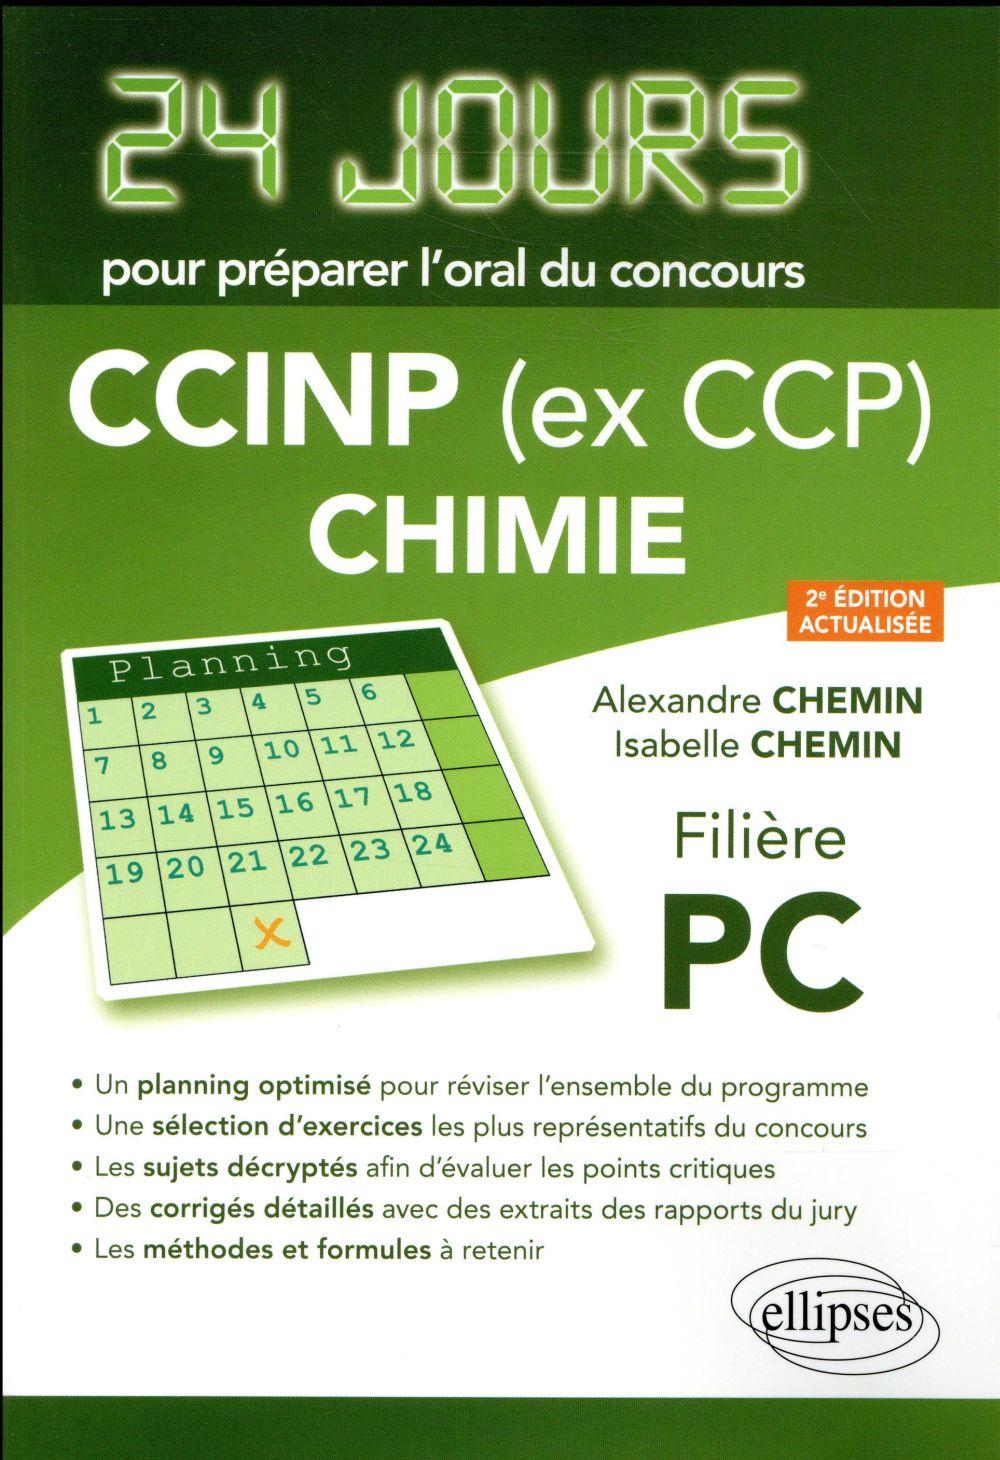 CHIMIE 24 JOURS POUR PREPARER L'ORAL DU CONCOURS XCINP (EX  CCP) FILIERE PC 2EME EDITION ACTUALISEE